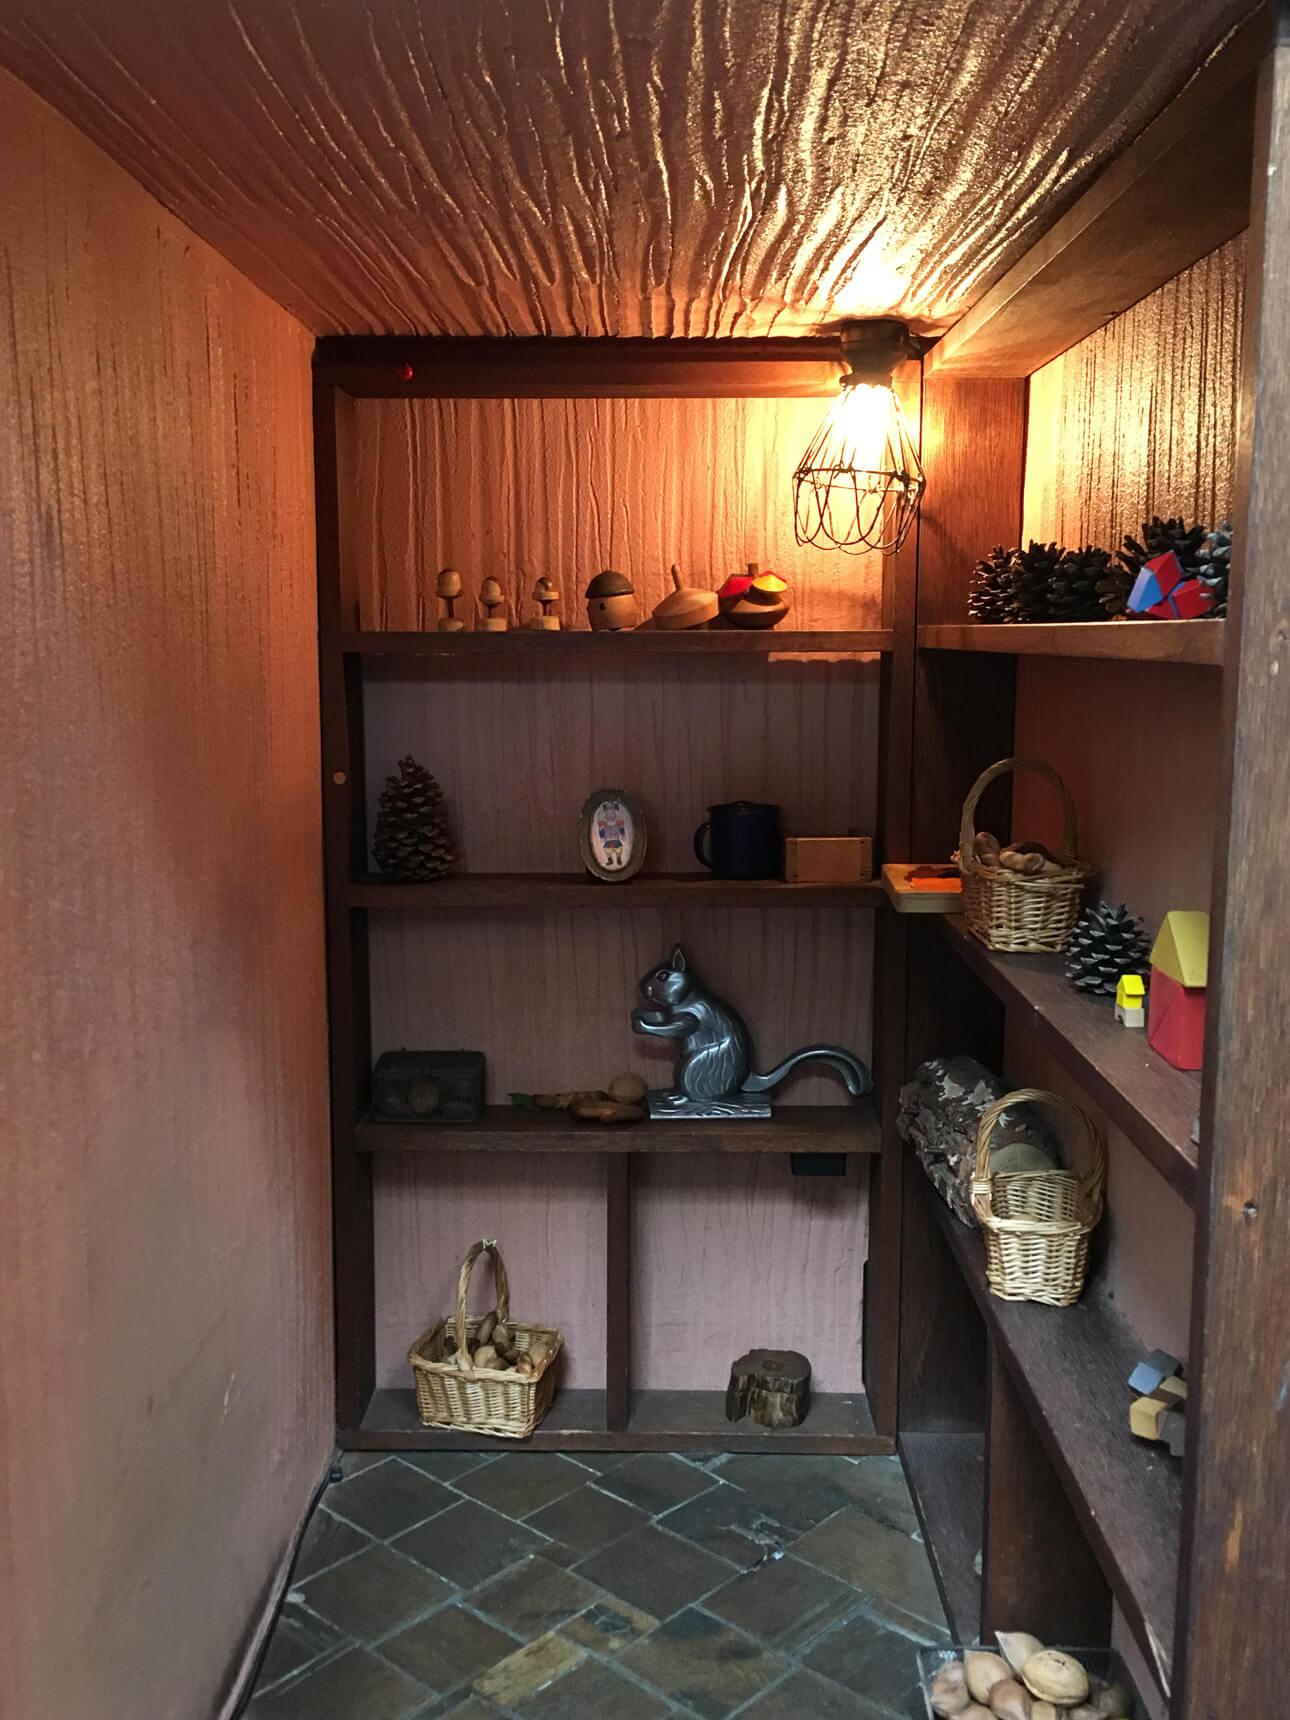 謎の小部屋!? も見つけました。可愛い。